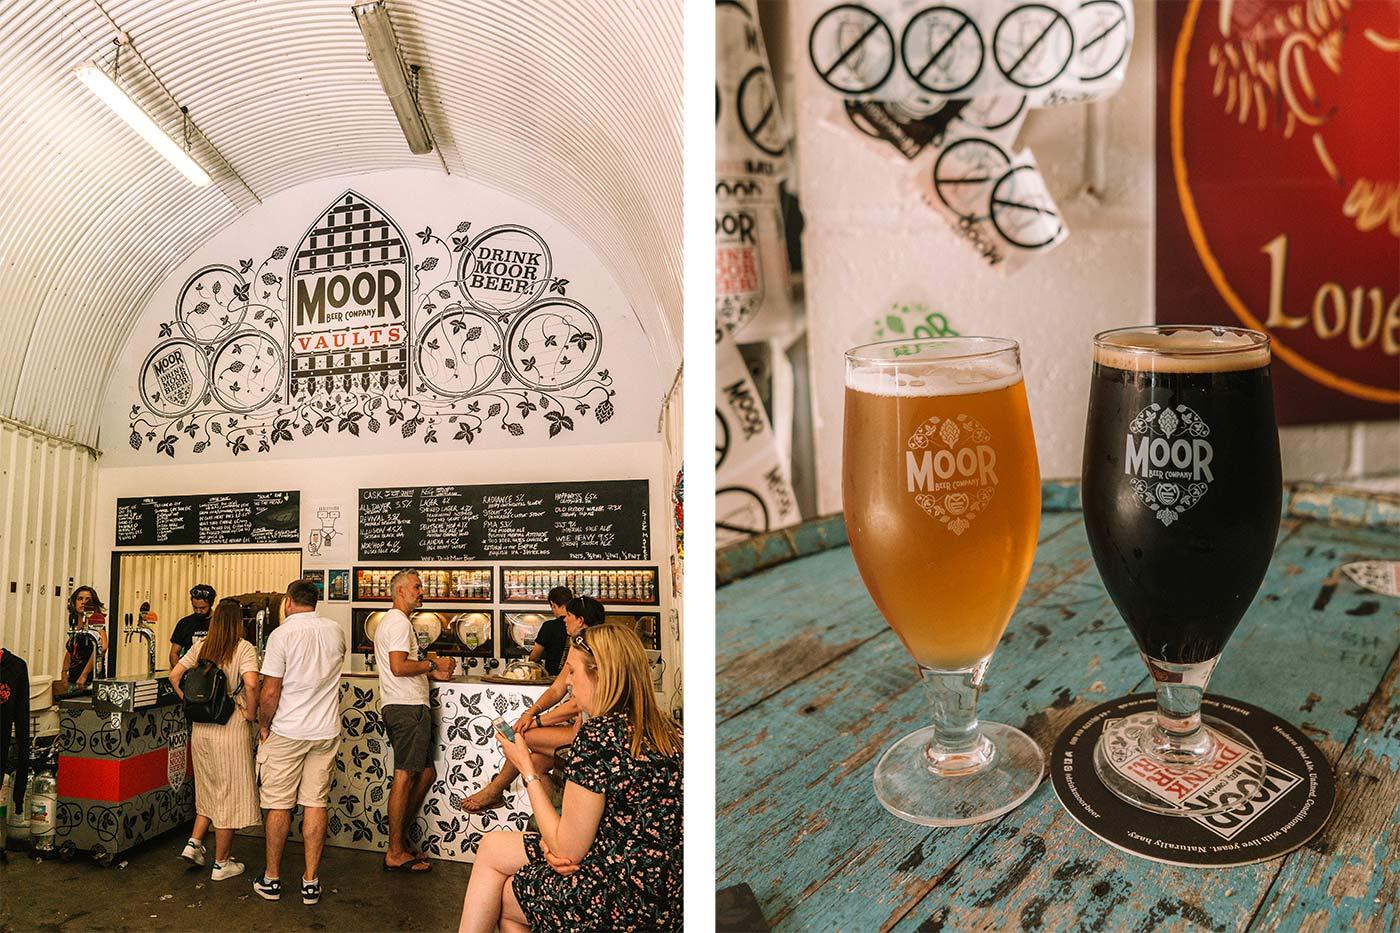 Bermondsey beer mile | Moor Beer Co Vaults & Tap Room